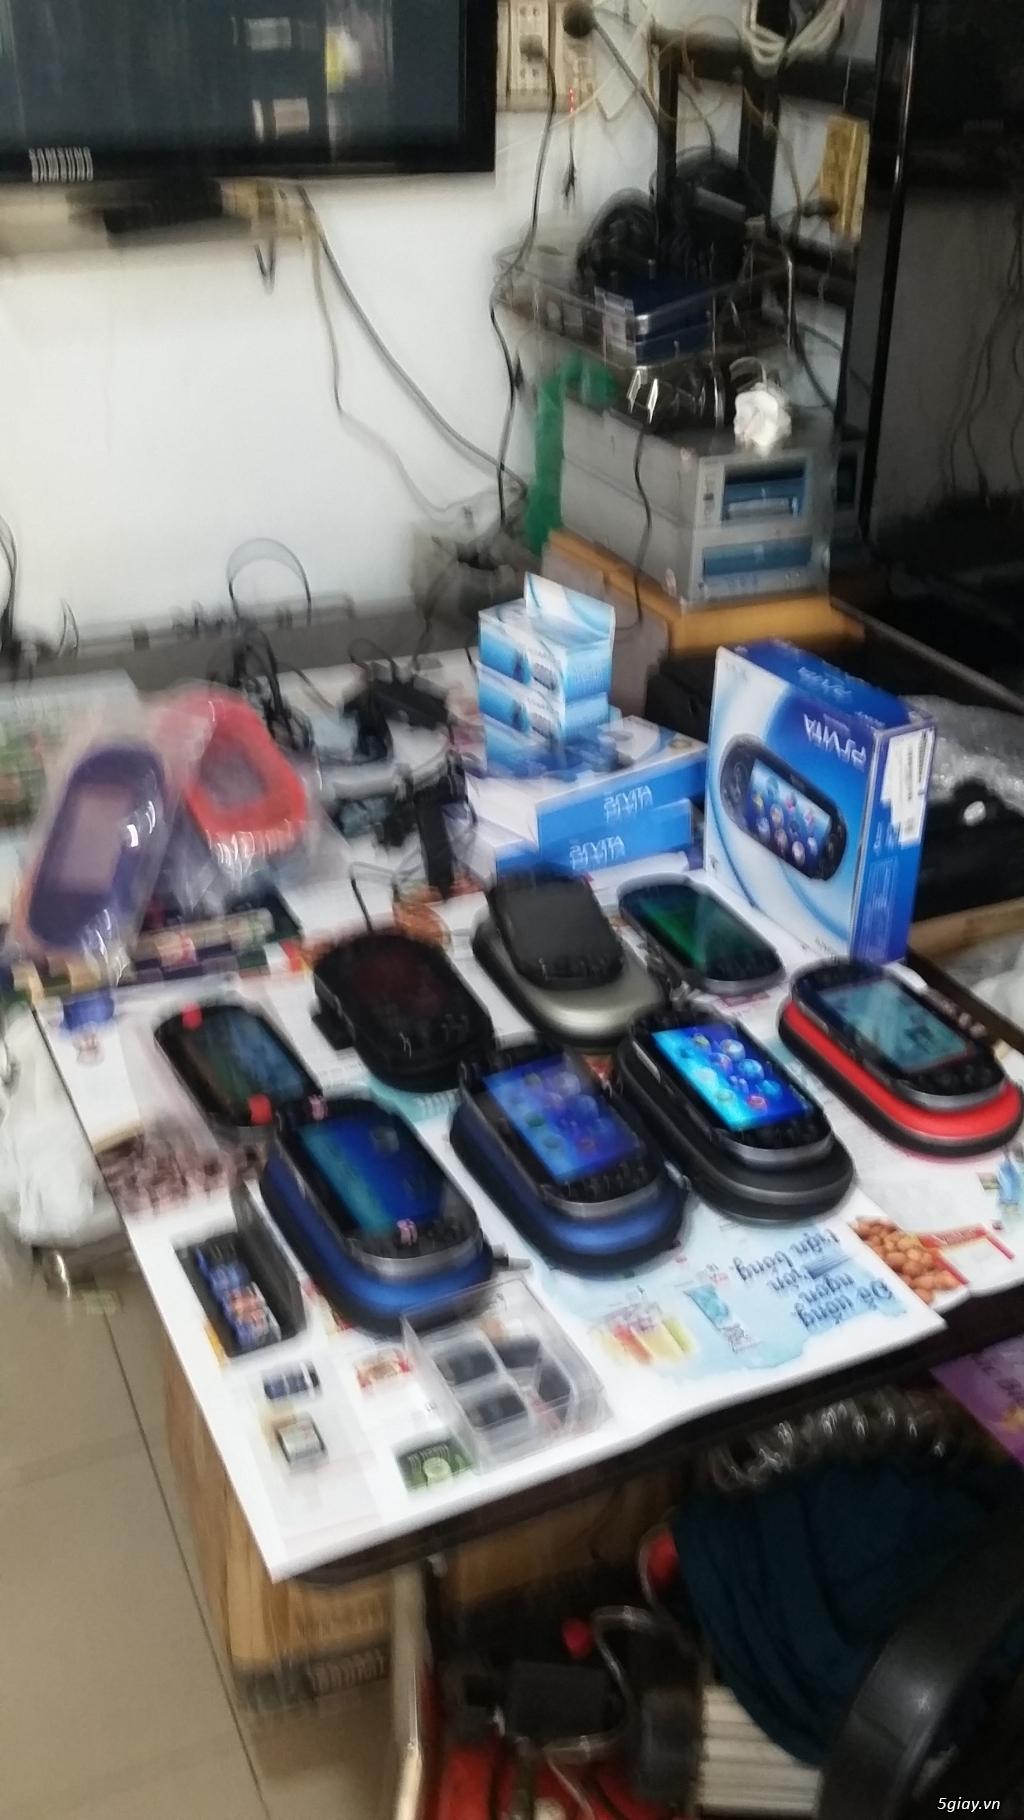 ShopPHUOCLOI: Chuyên mua bán máy game : PS4,PS3,PS2,PS VITA,PSP,XBOX,NINTENDO NEW 2DS ,3DS - 4